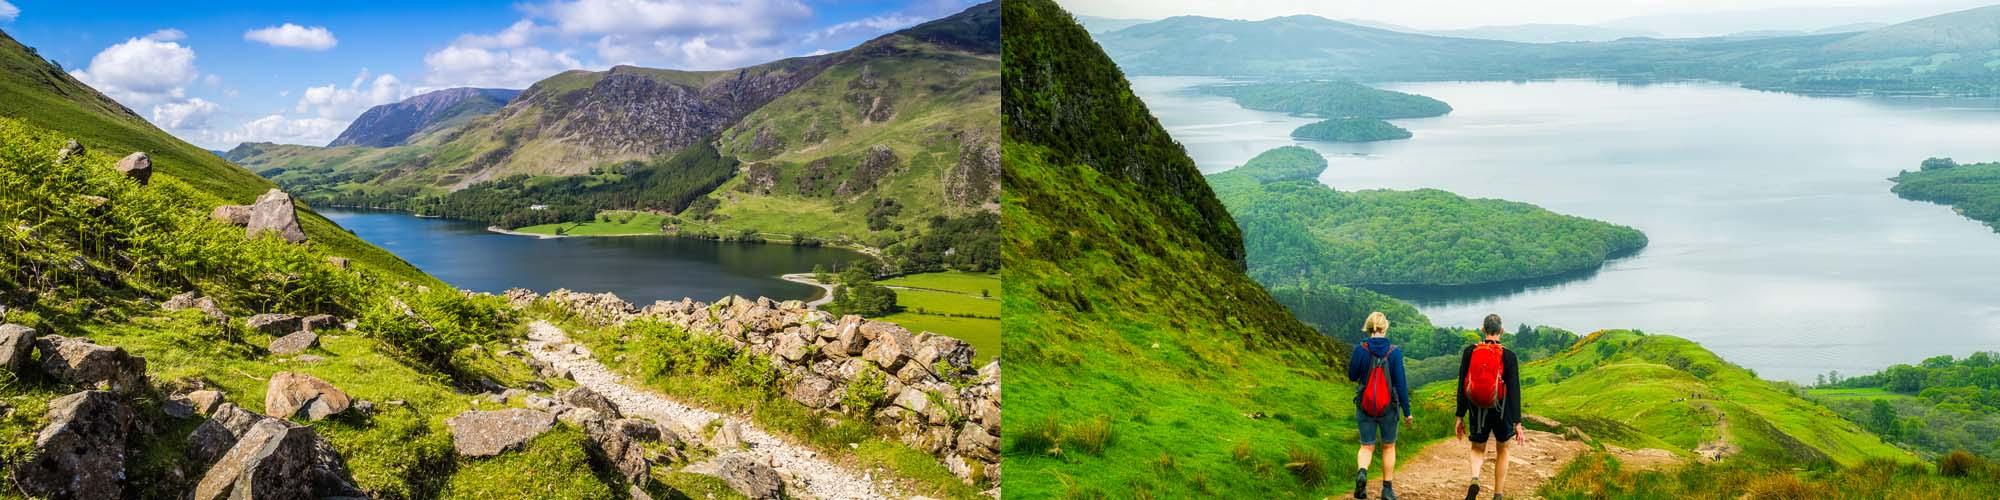 15 Day England's Coast to Coast plus Scottish Highlands